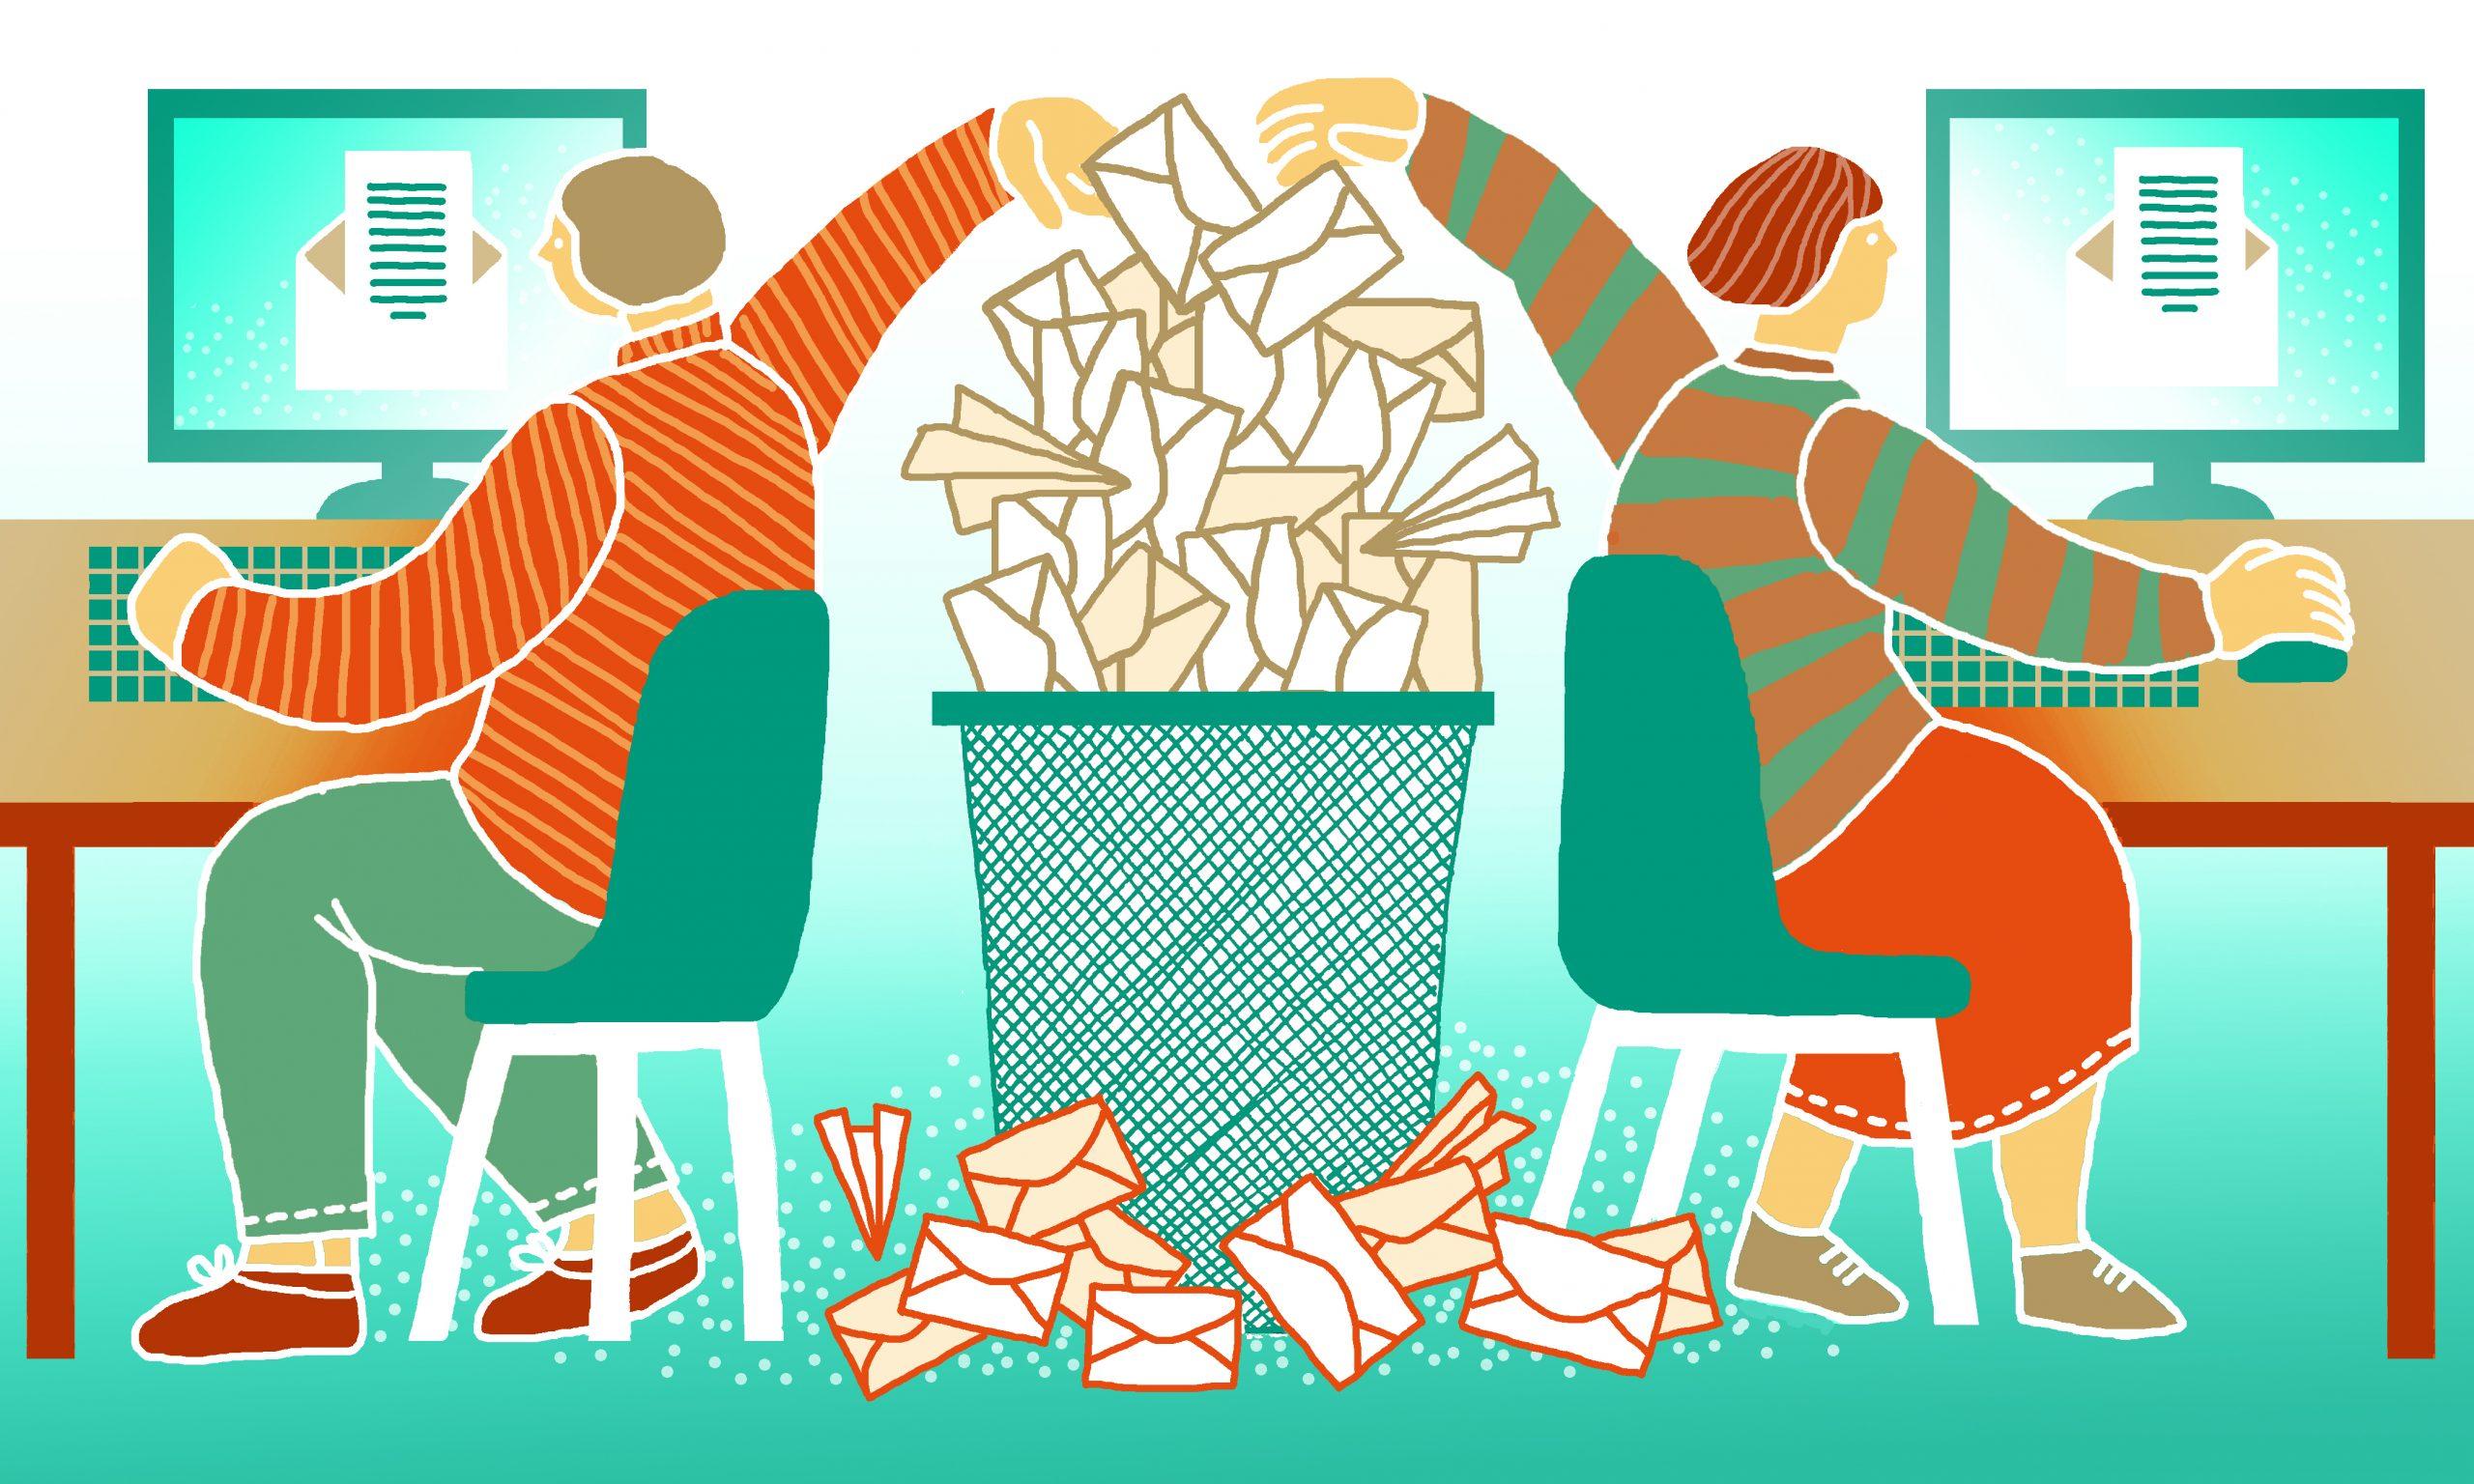 Гайд по холодным письмам. Как отправлять холодные письма, чтобы они не попадали в спам?